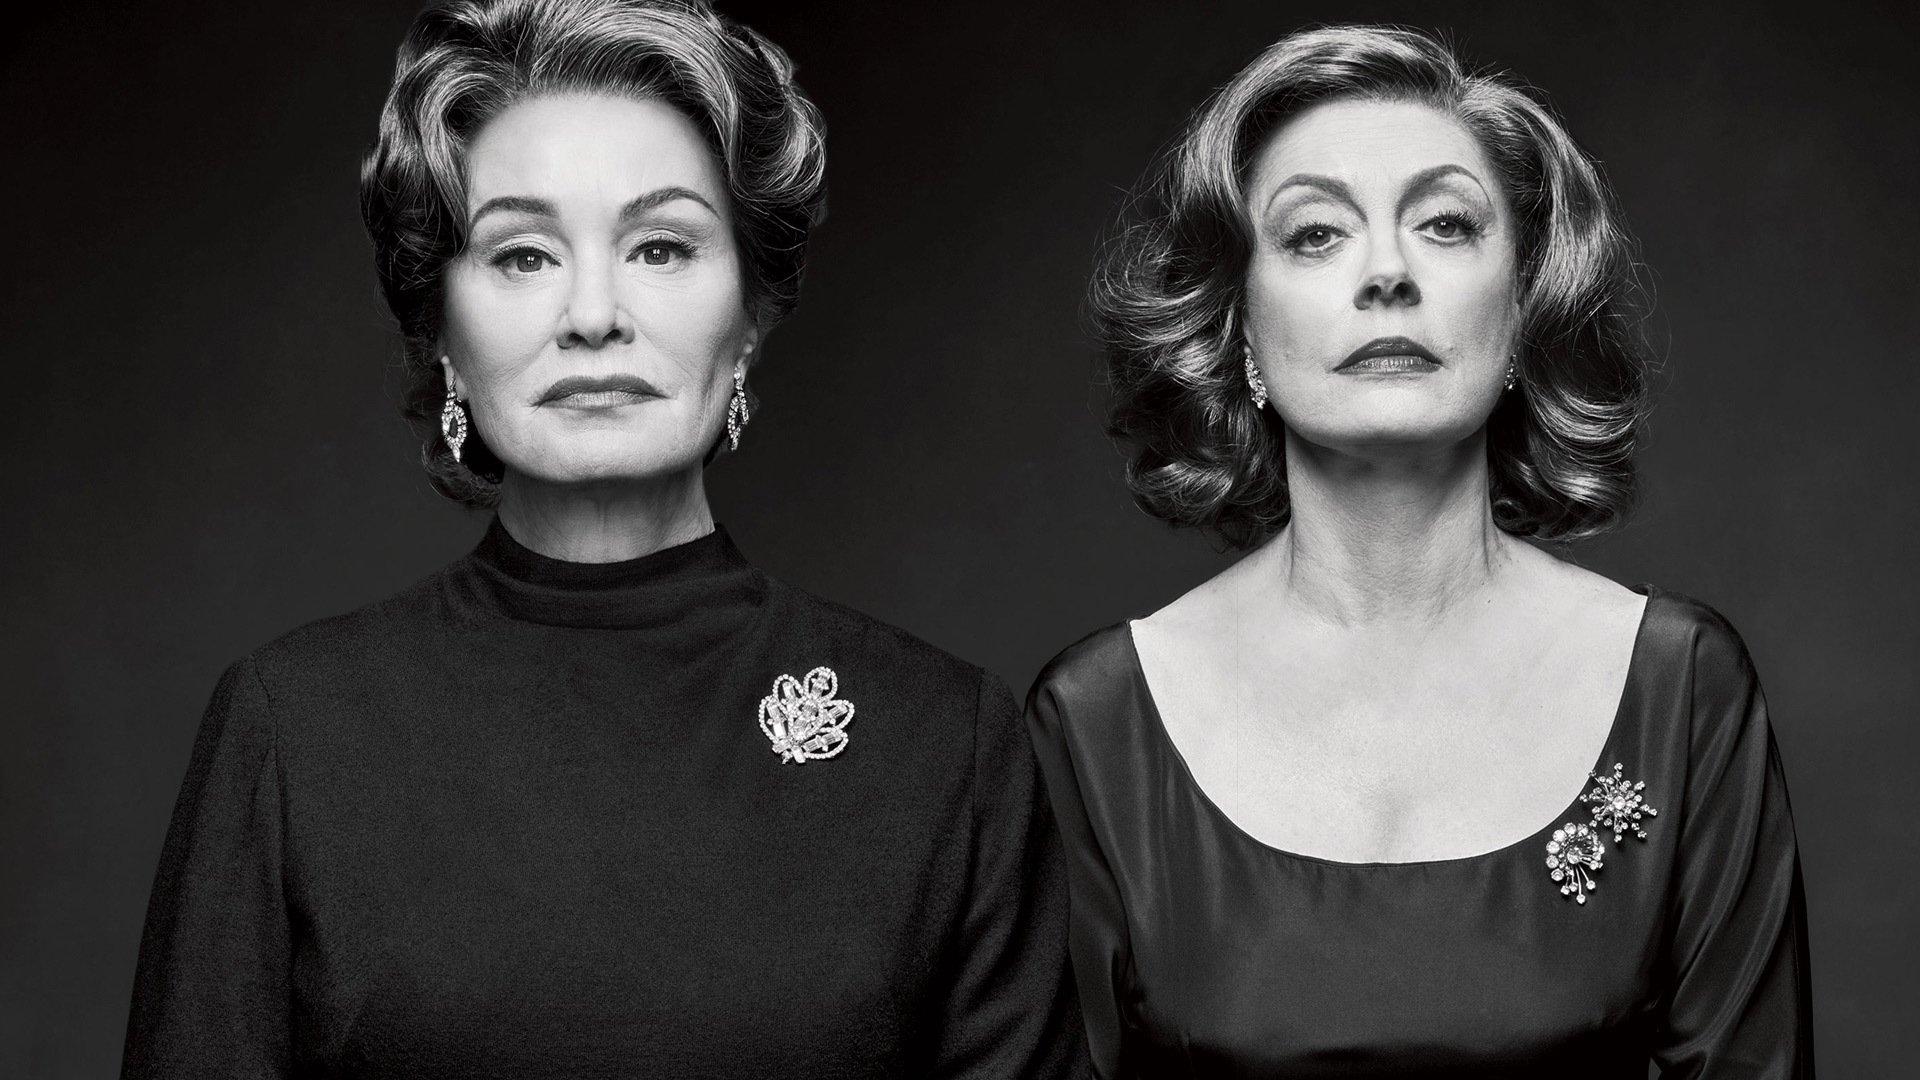 Jessica Lange e Susan Sarandon são, respectivamente, Joan Crawford e Bette Davis